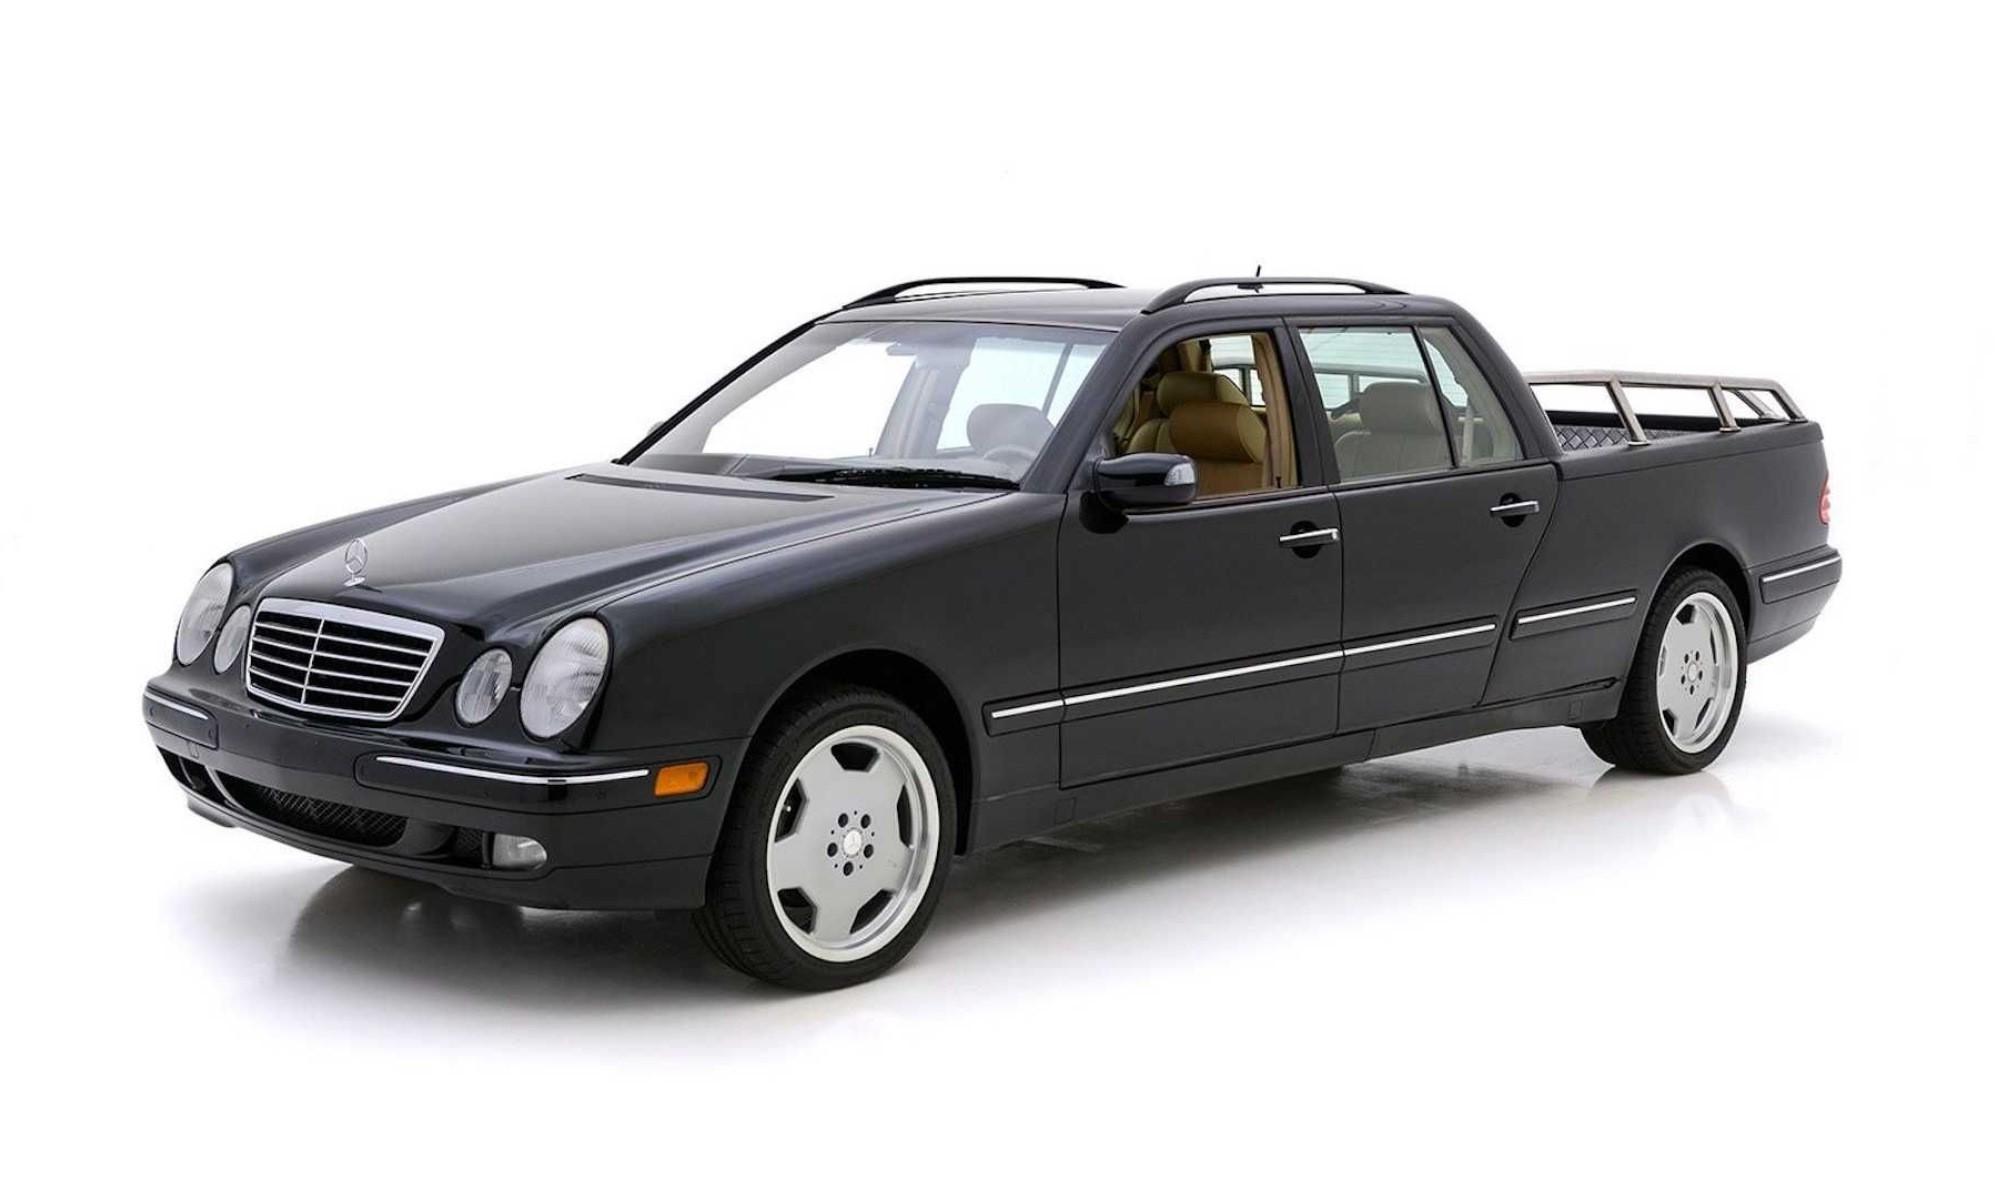 Mercedes-Benz E-Class bizarre bakkies